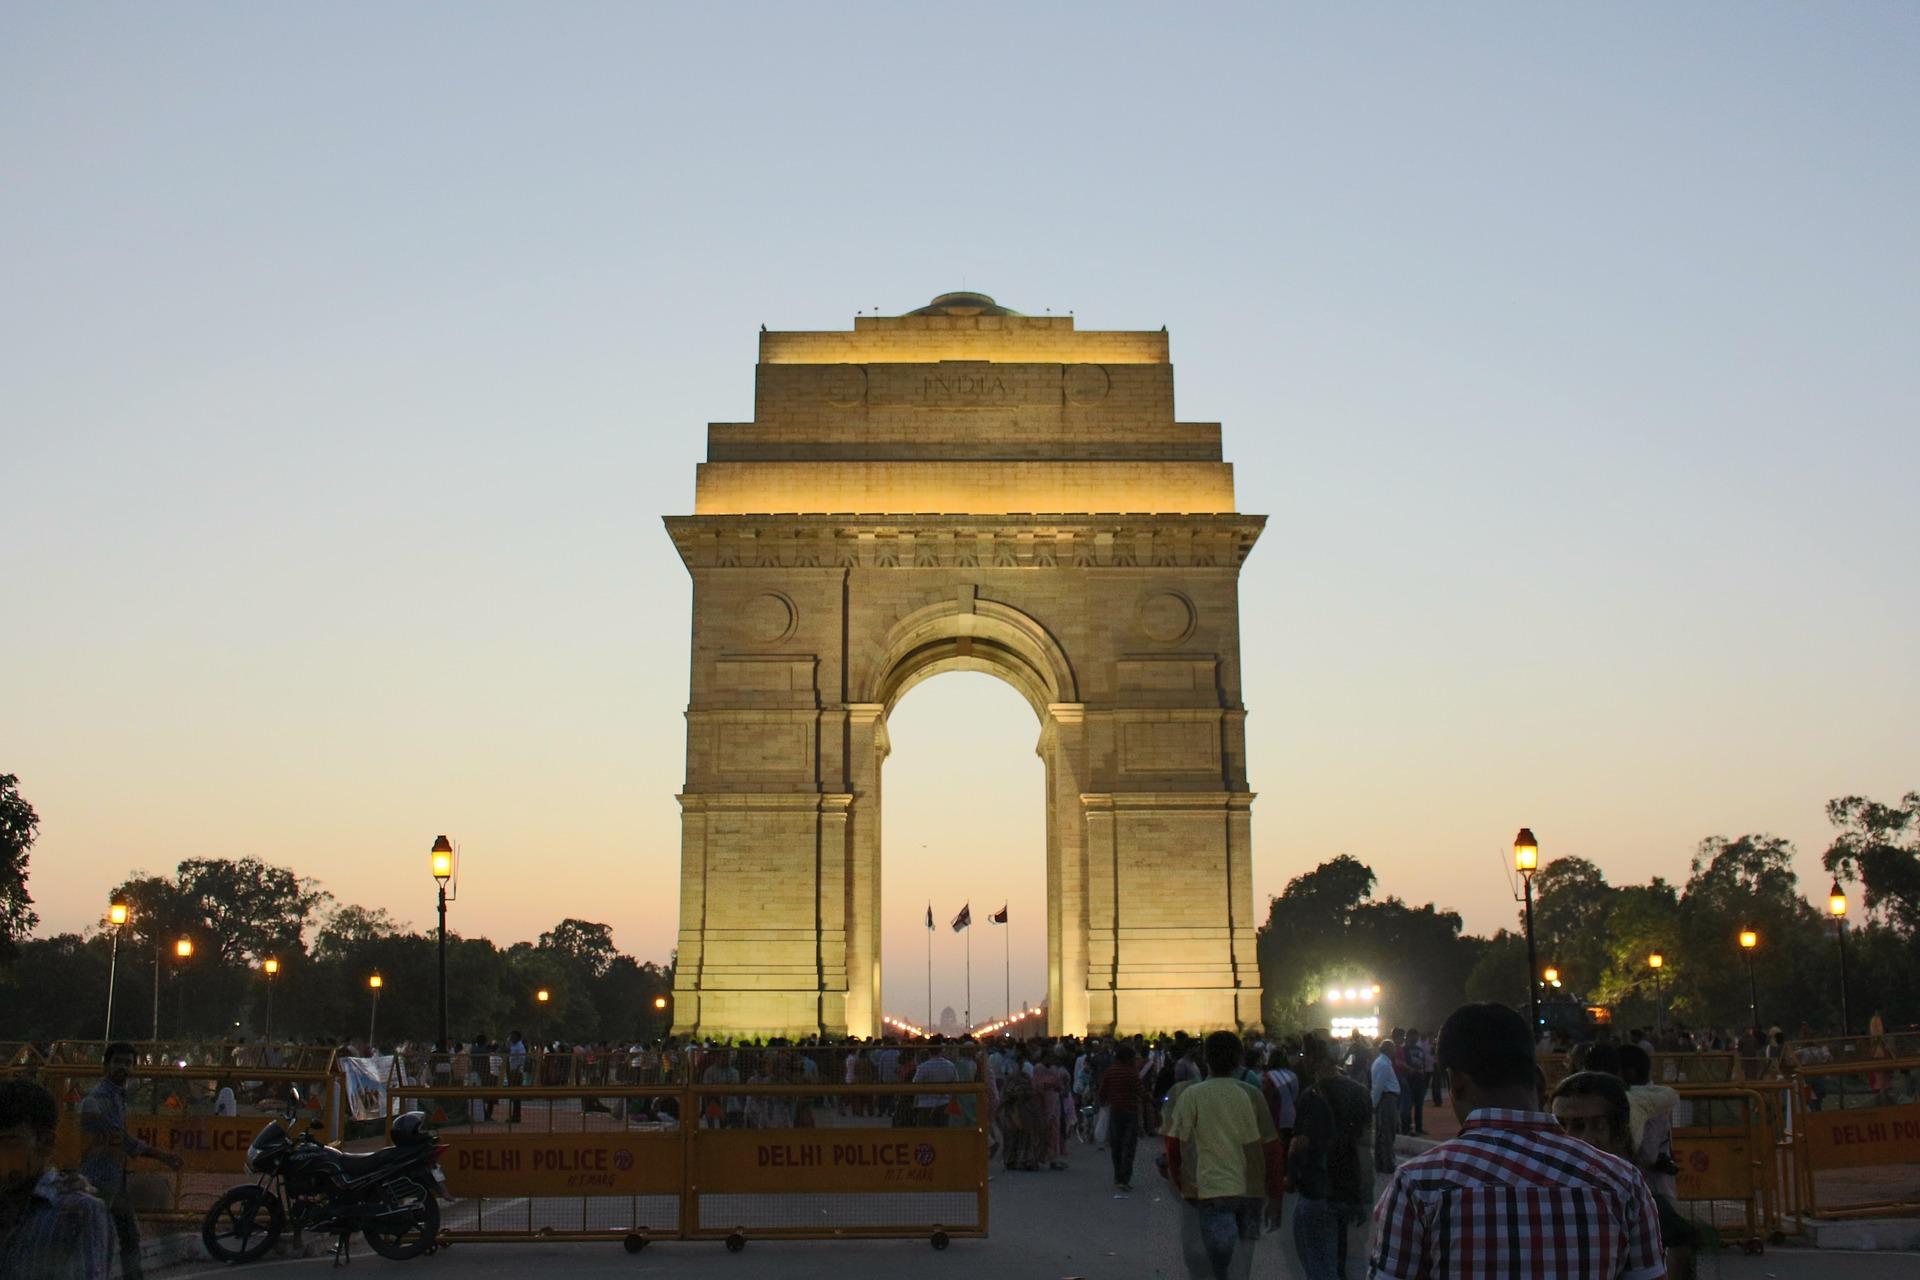 India Gate, Monument in New Delhi, India